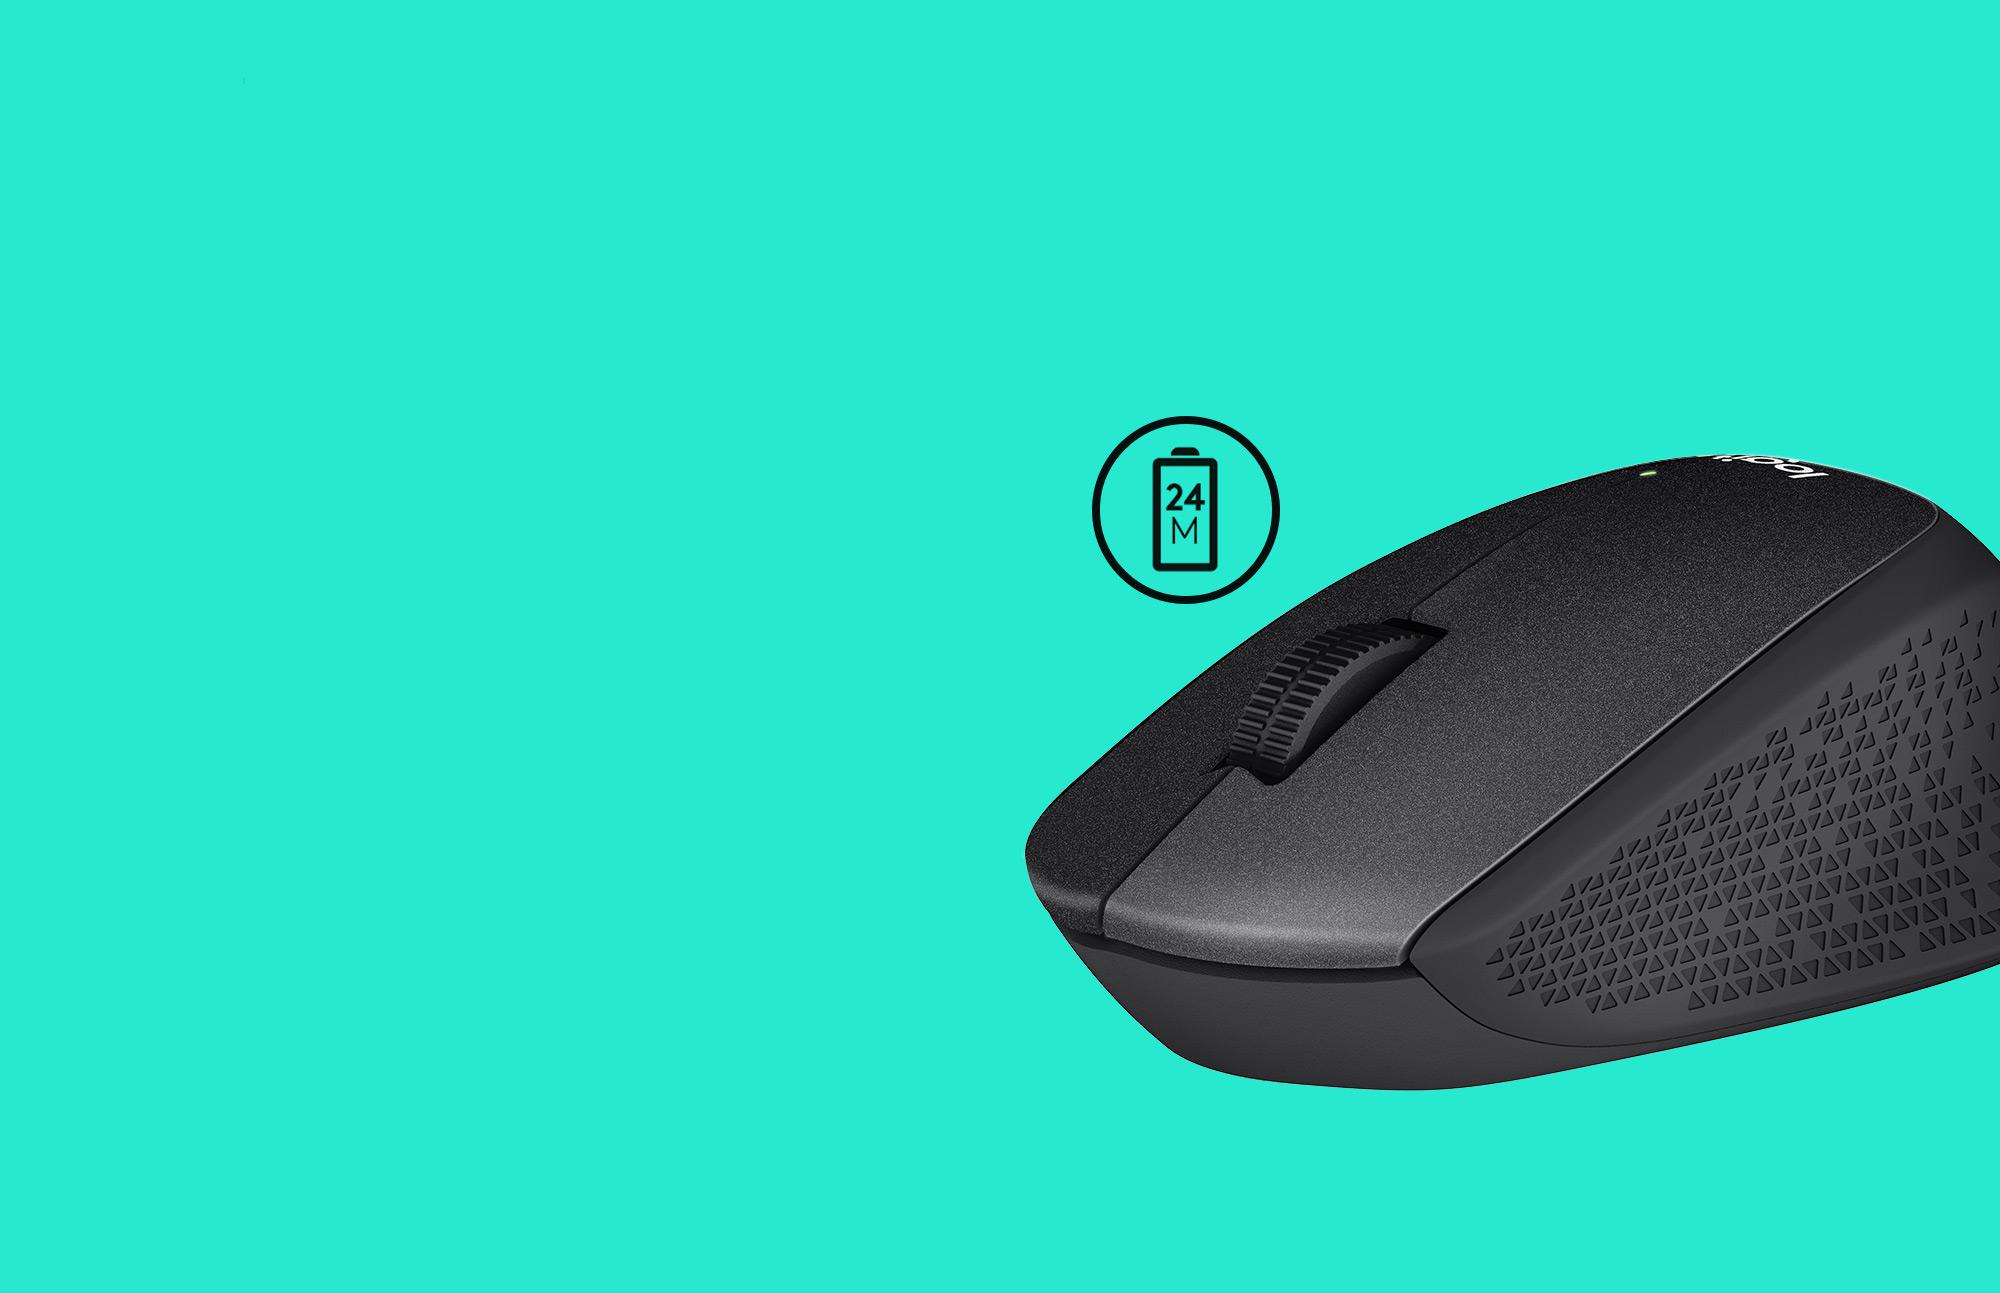 Chuột không dây Logitech M331 (USB/màu đỏ) có thời lượng pin trâu